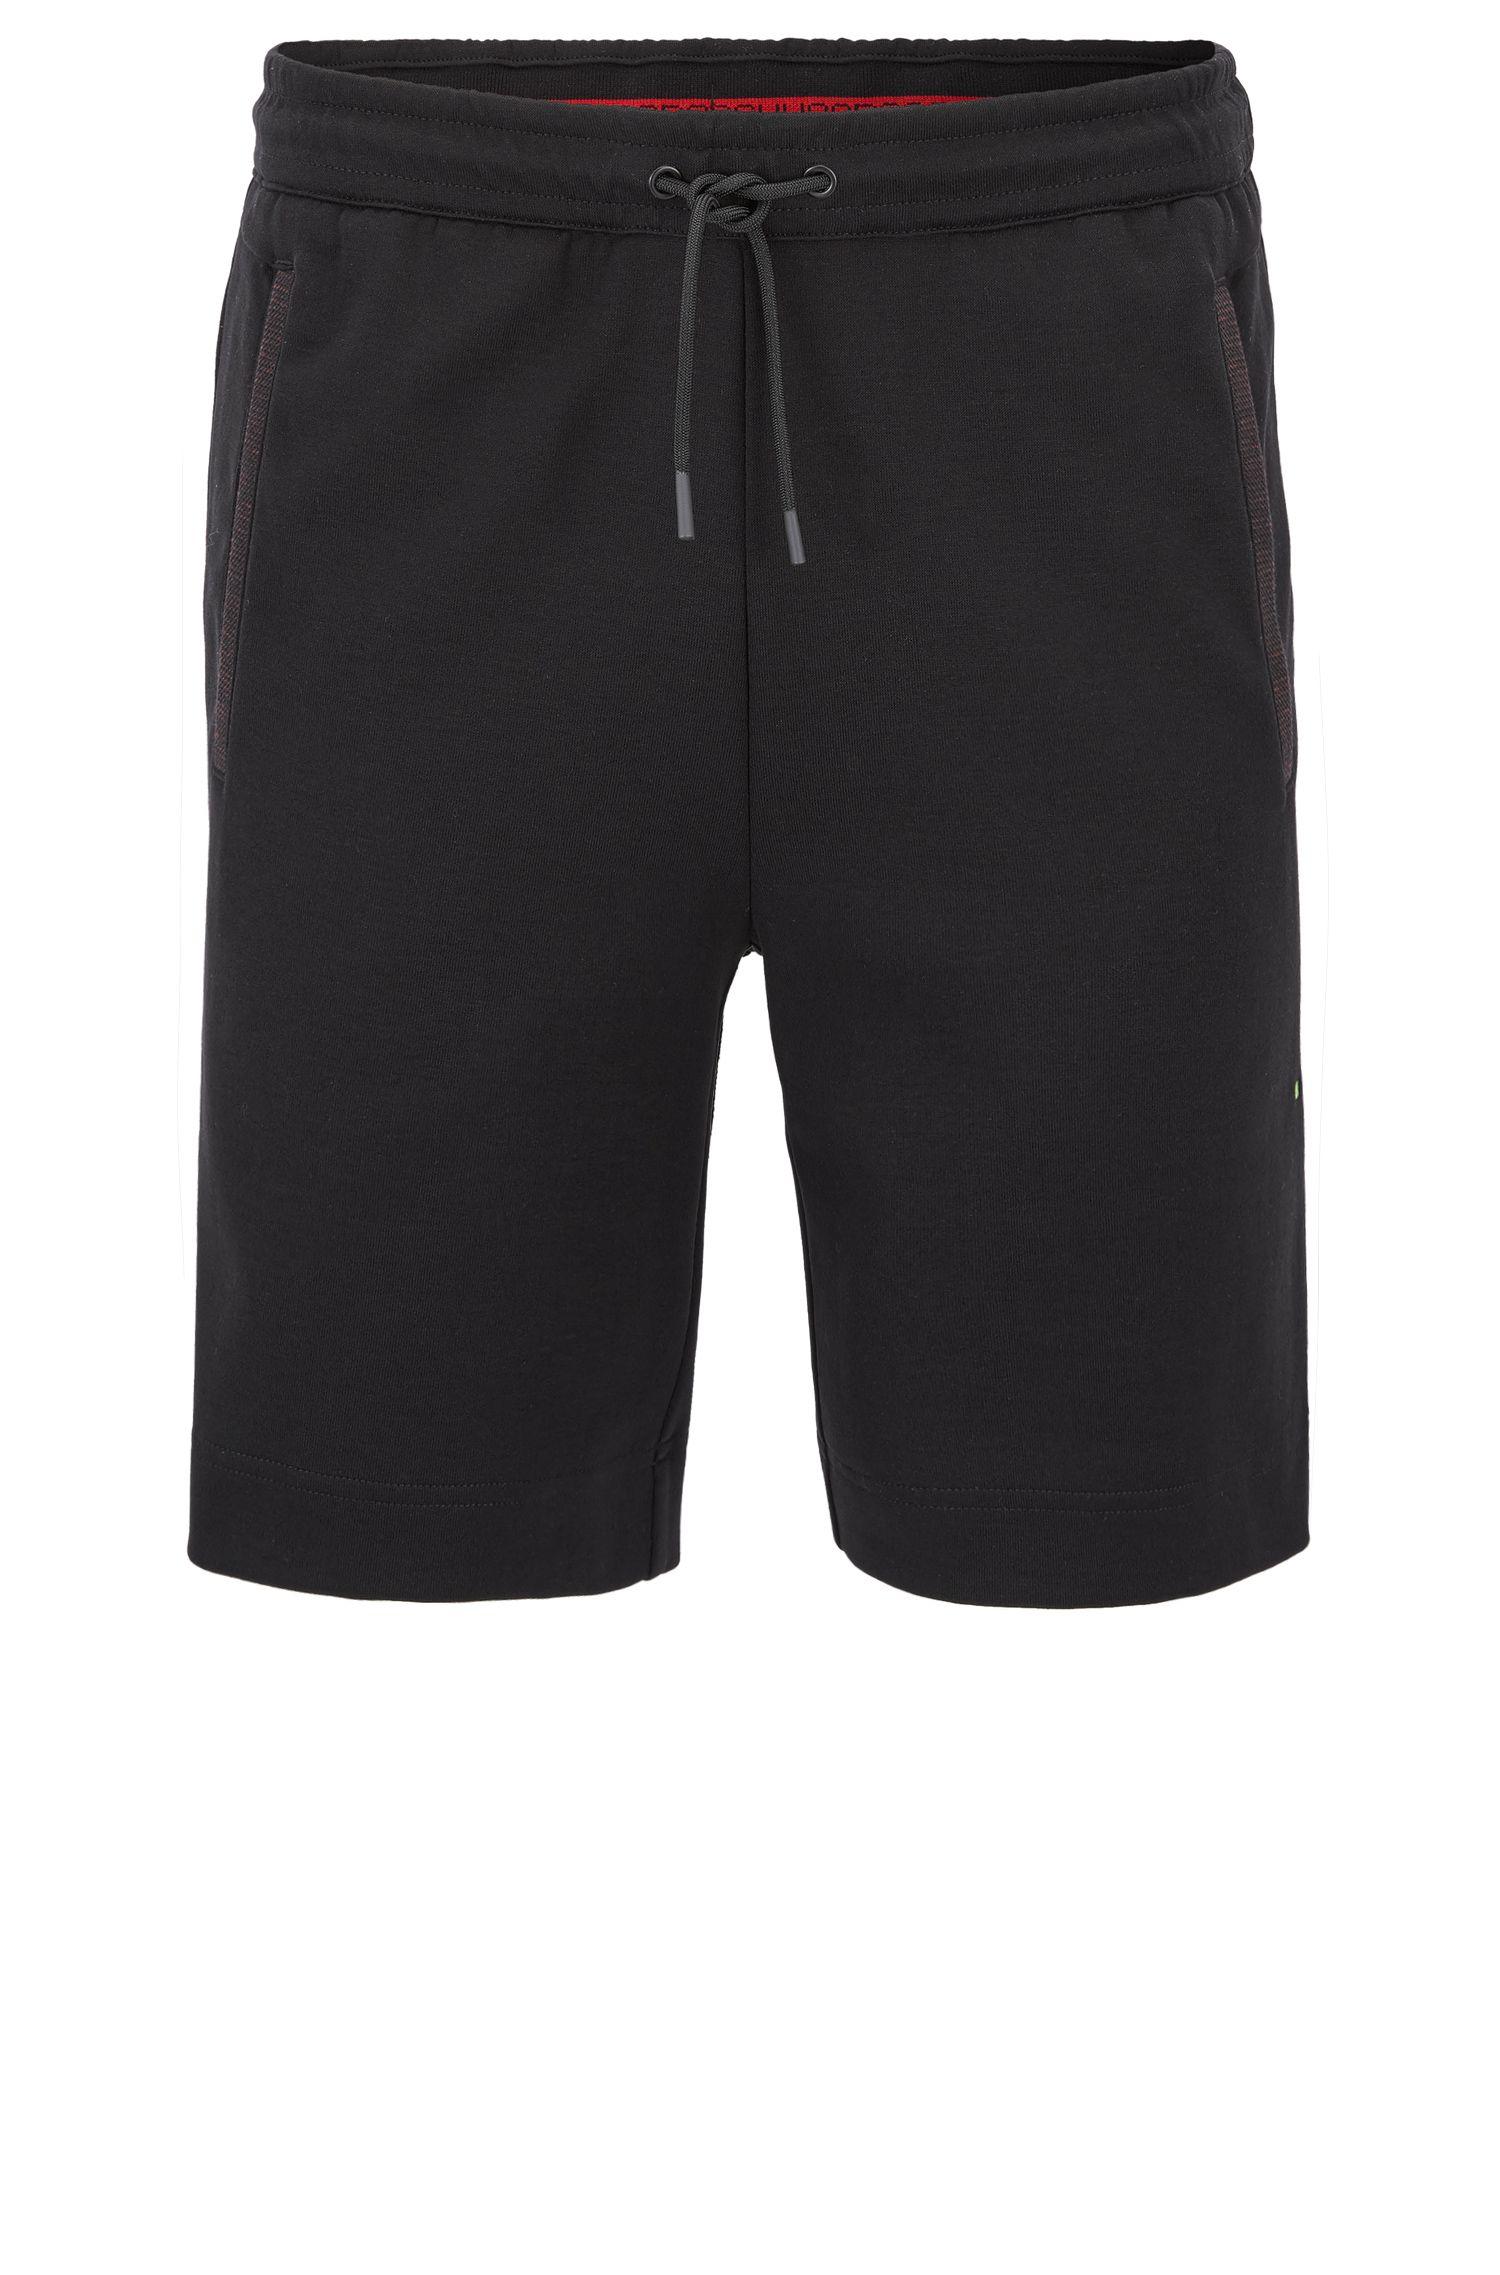 Shorts de chándal en mezcla de algodón